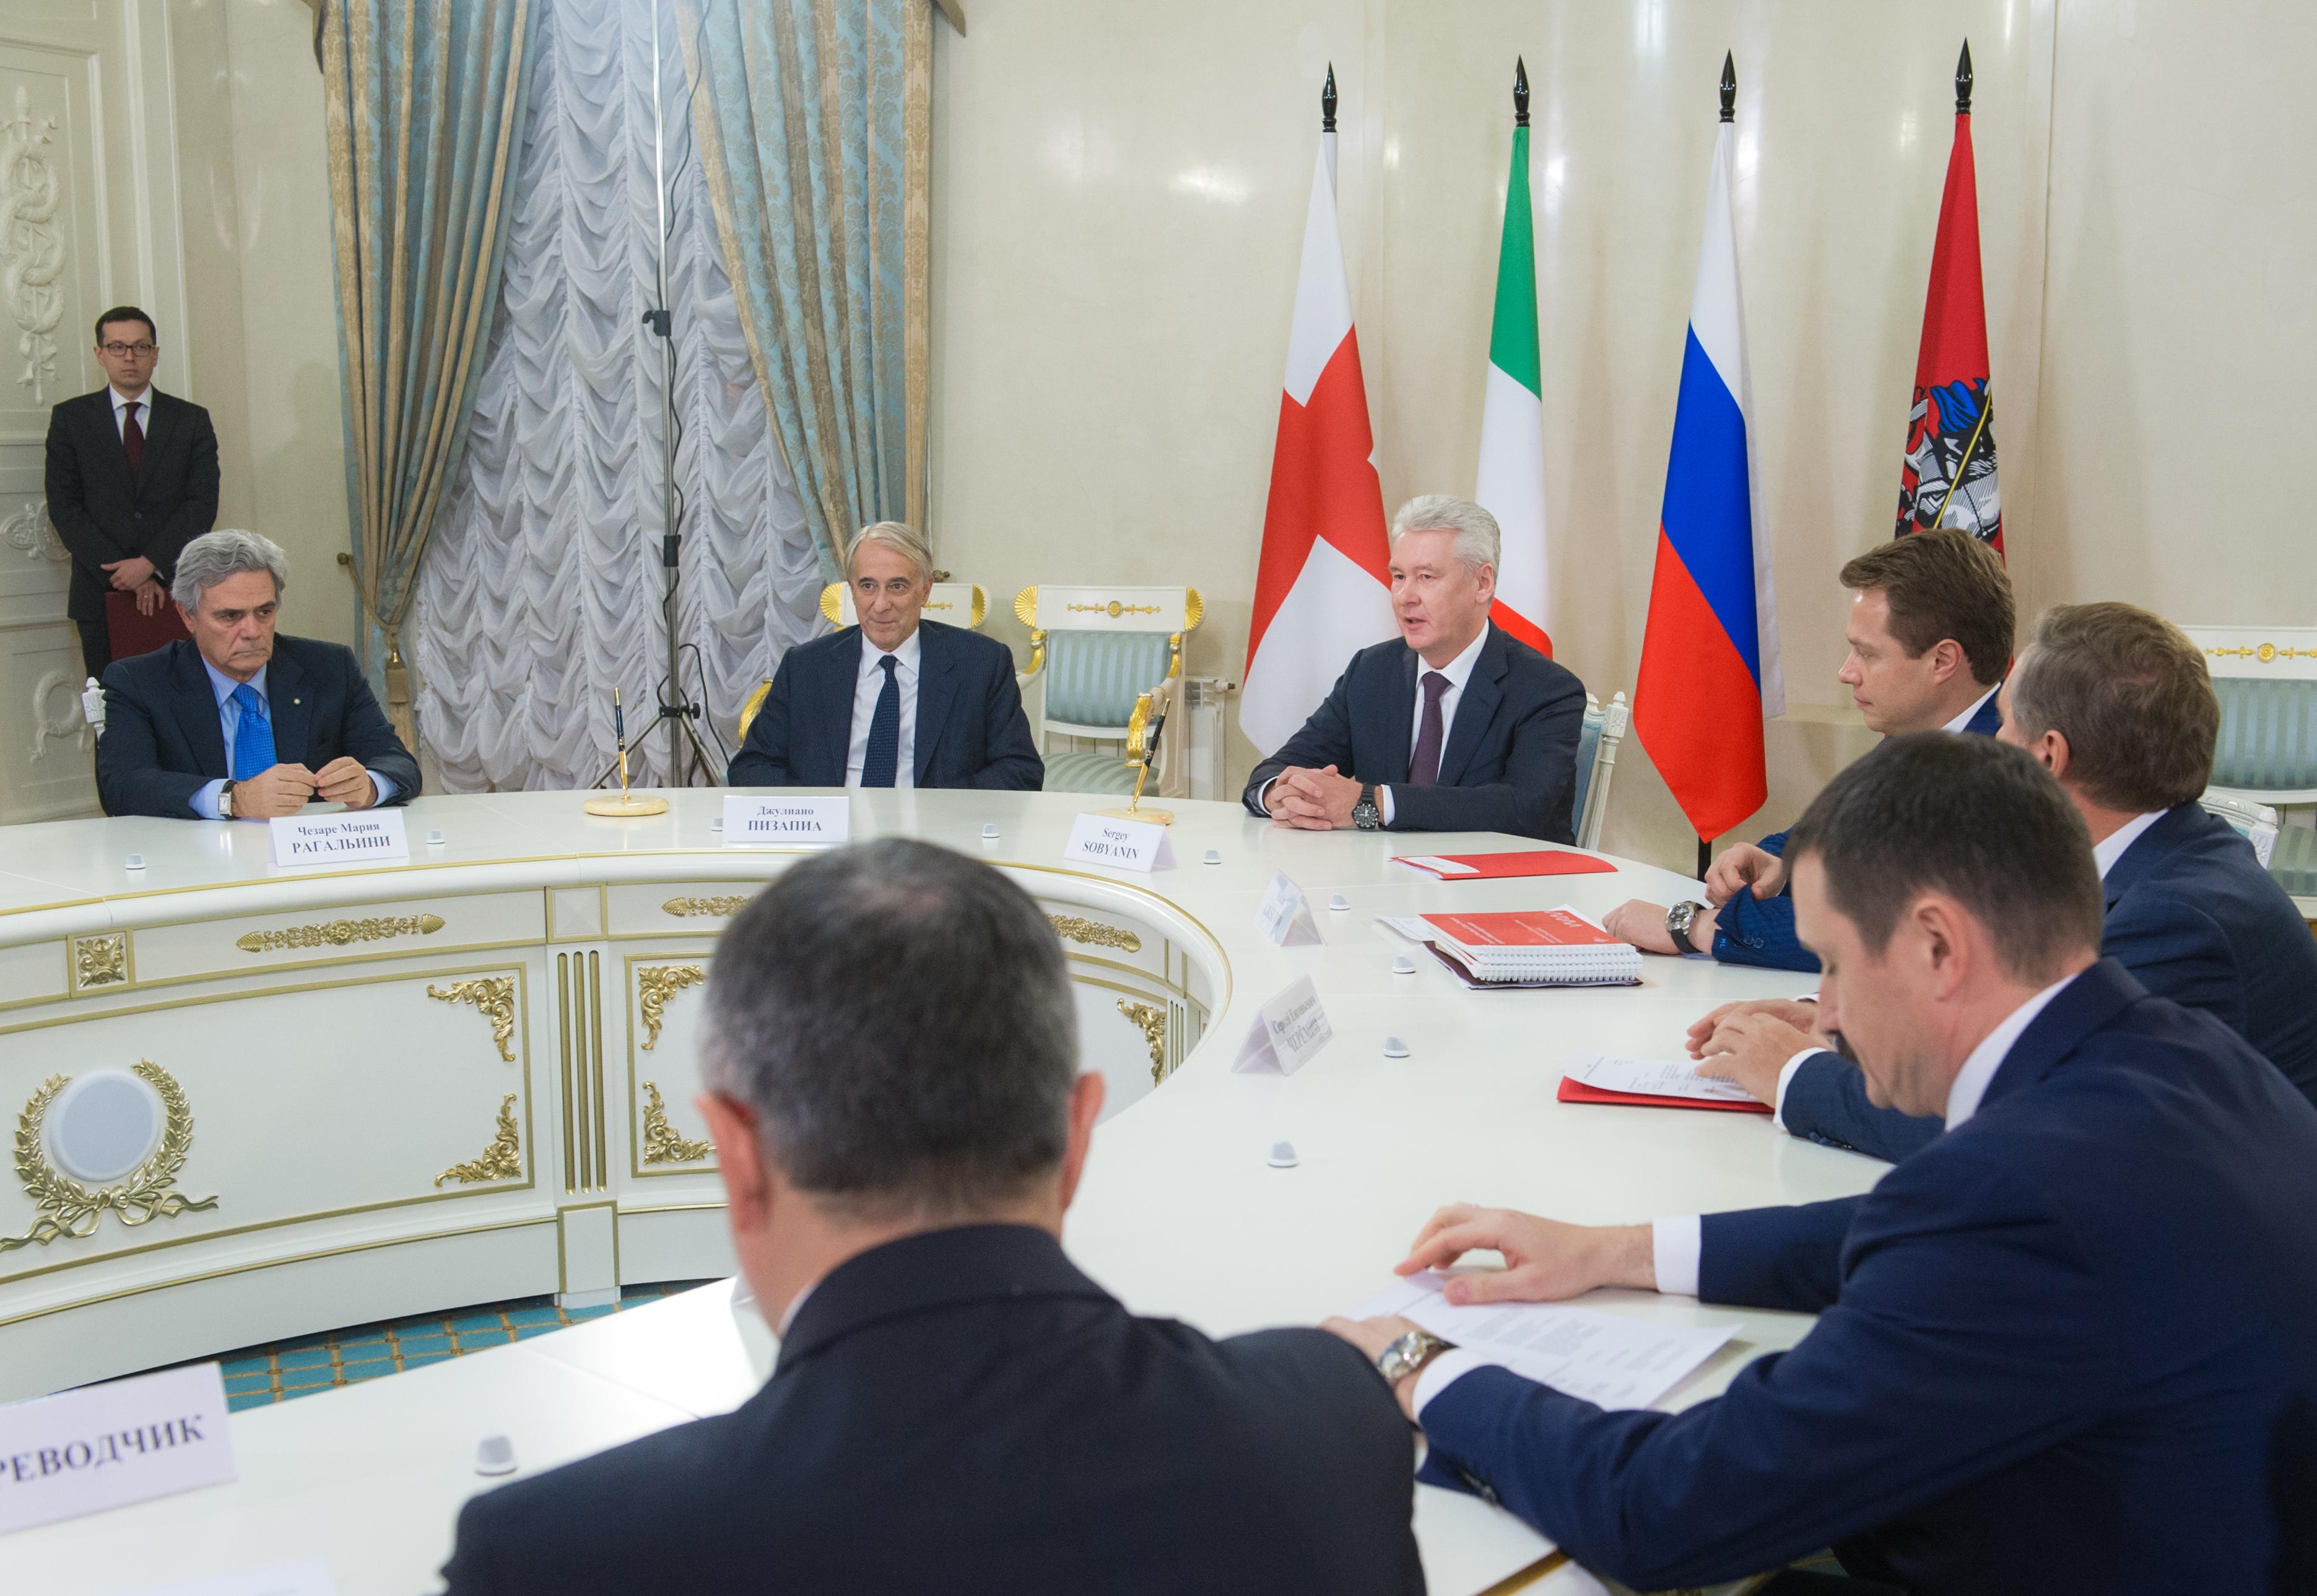 Подписание Меморандума о сотрудничестве между Москвой и Миланом